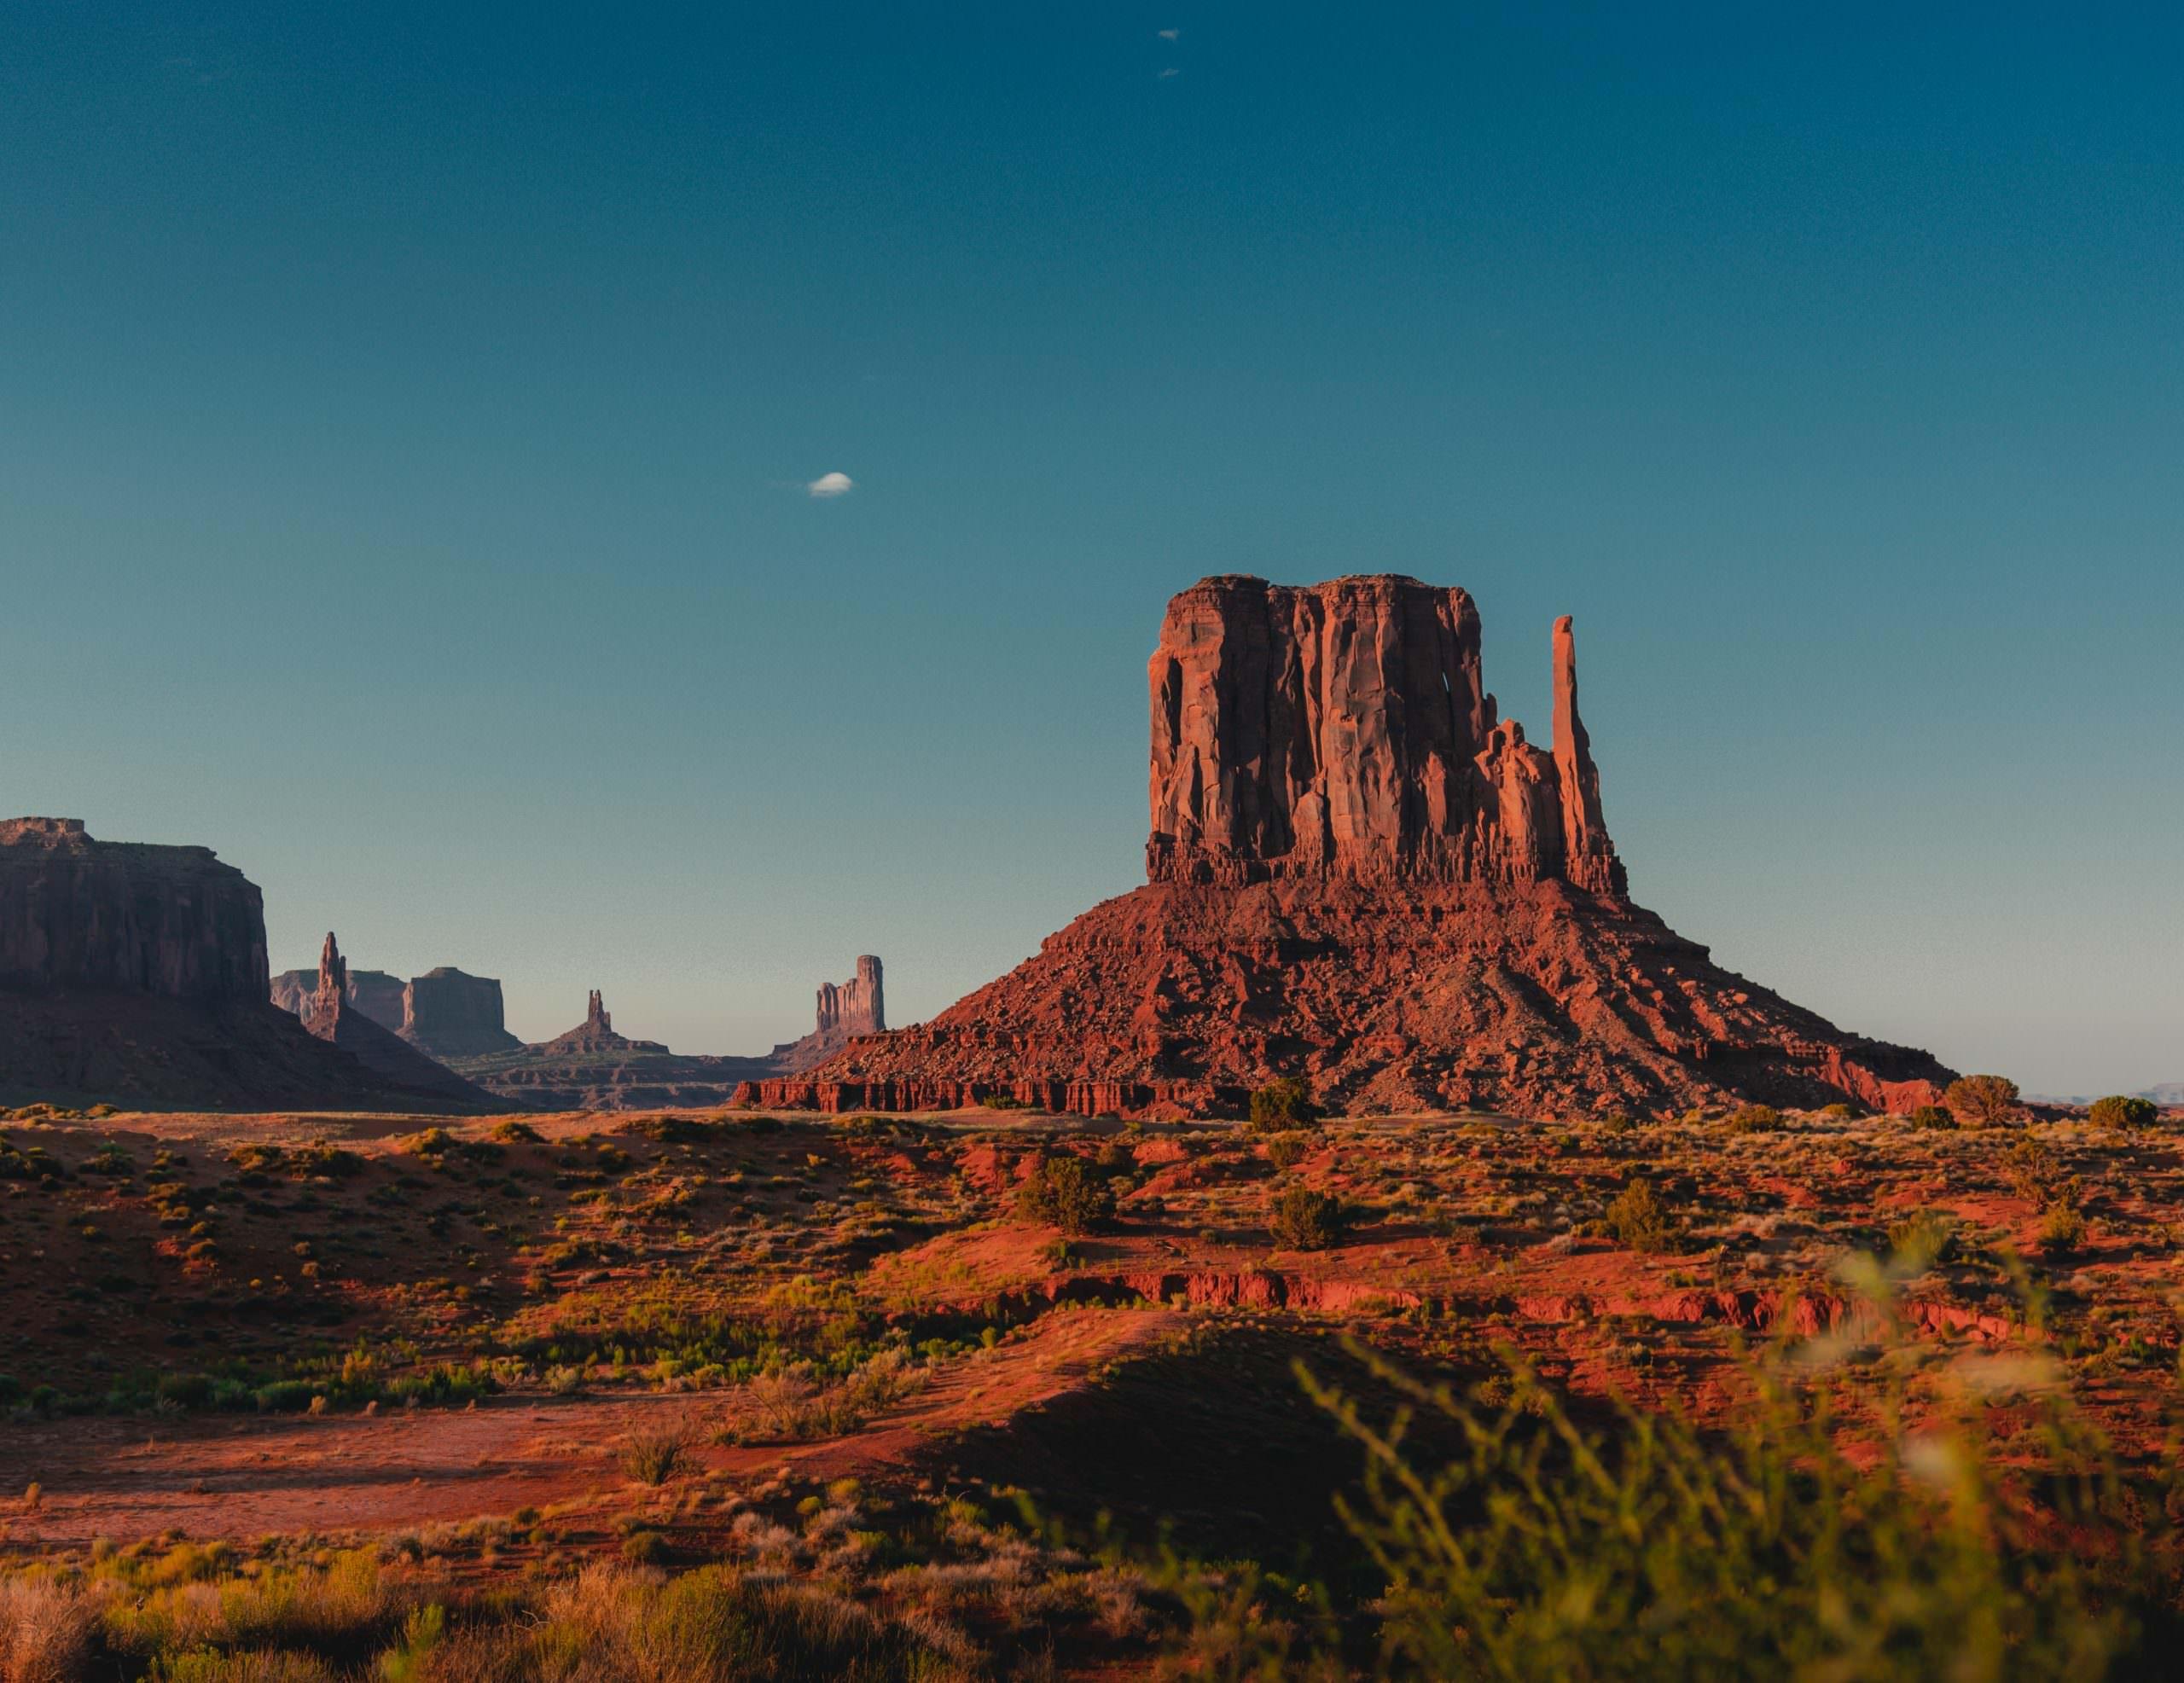 أجمل الأماكن يمكنك زيارتها في ولاية أريزونا